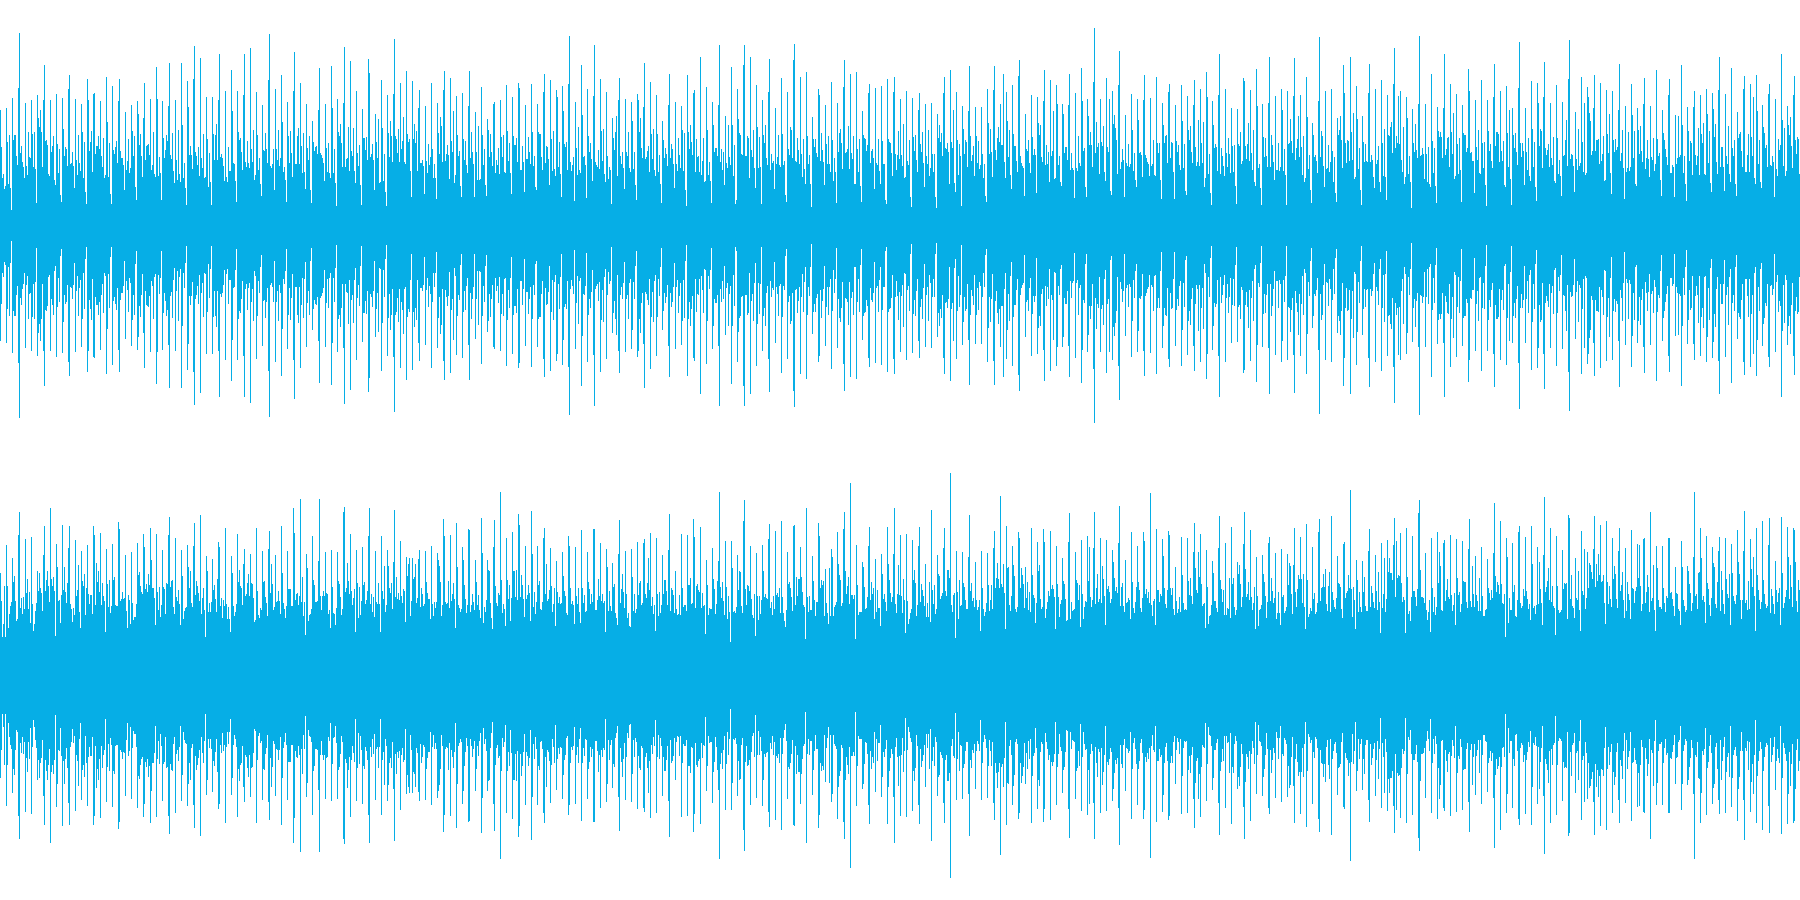 ビートの効いたBGM(ループ)の再生済みの波形